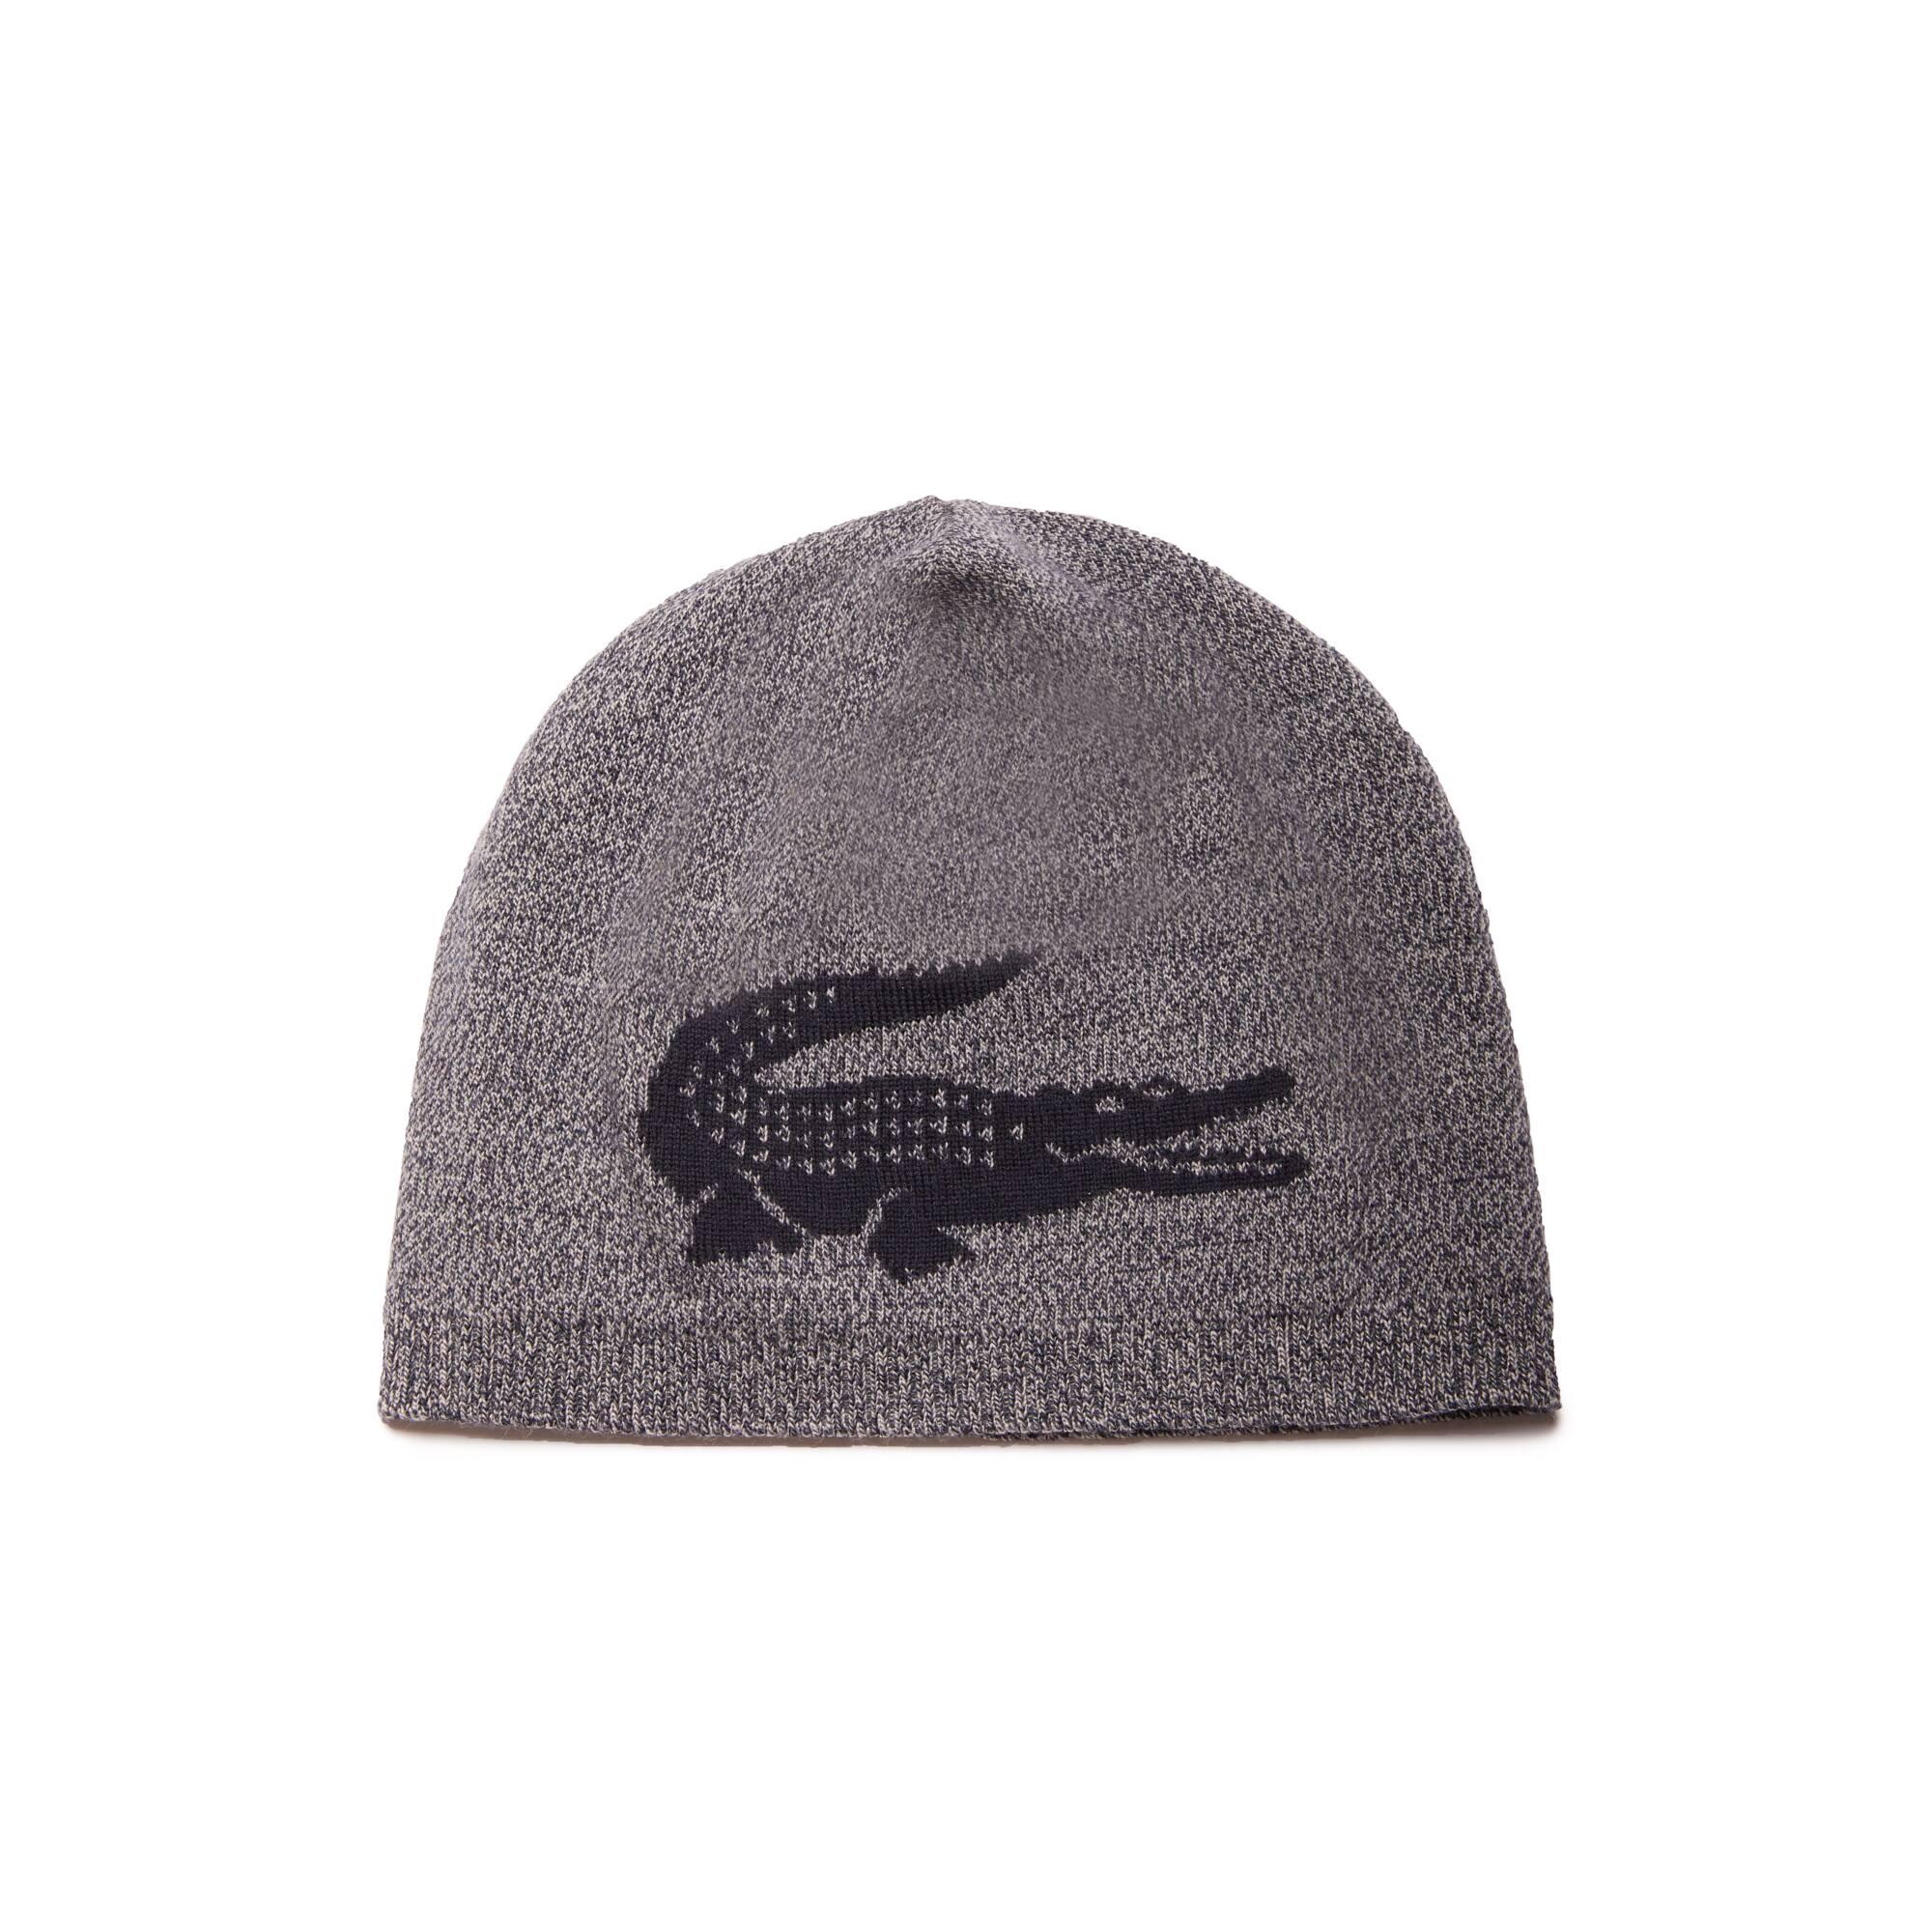 Bonnet en laine avec crocodile jacquard